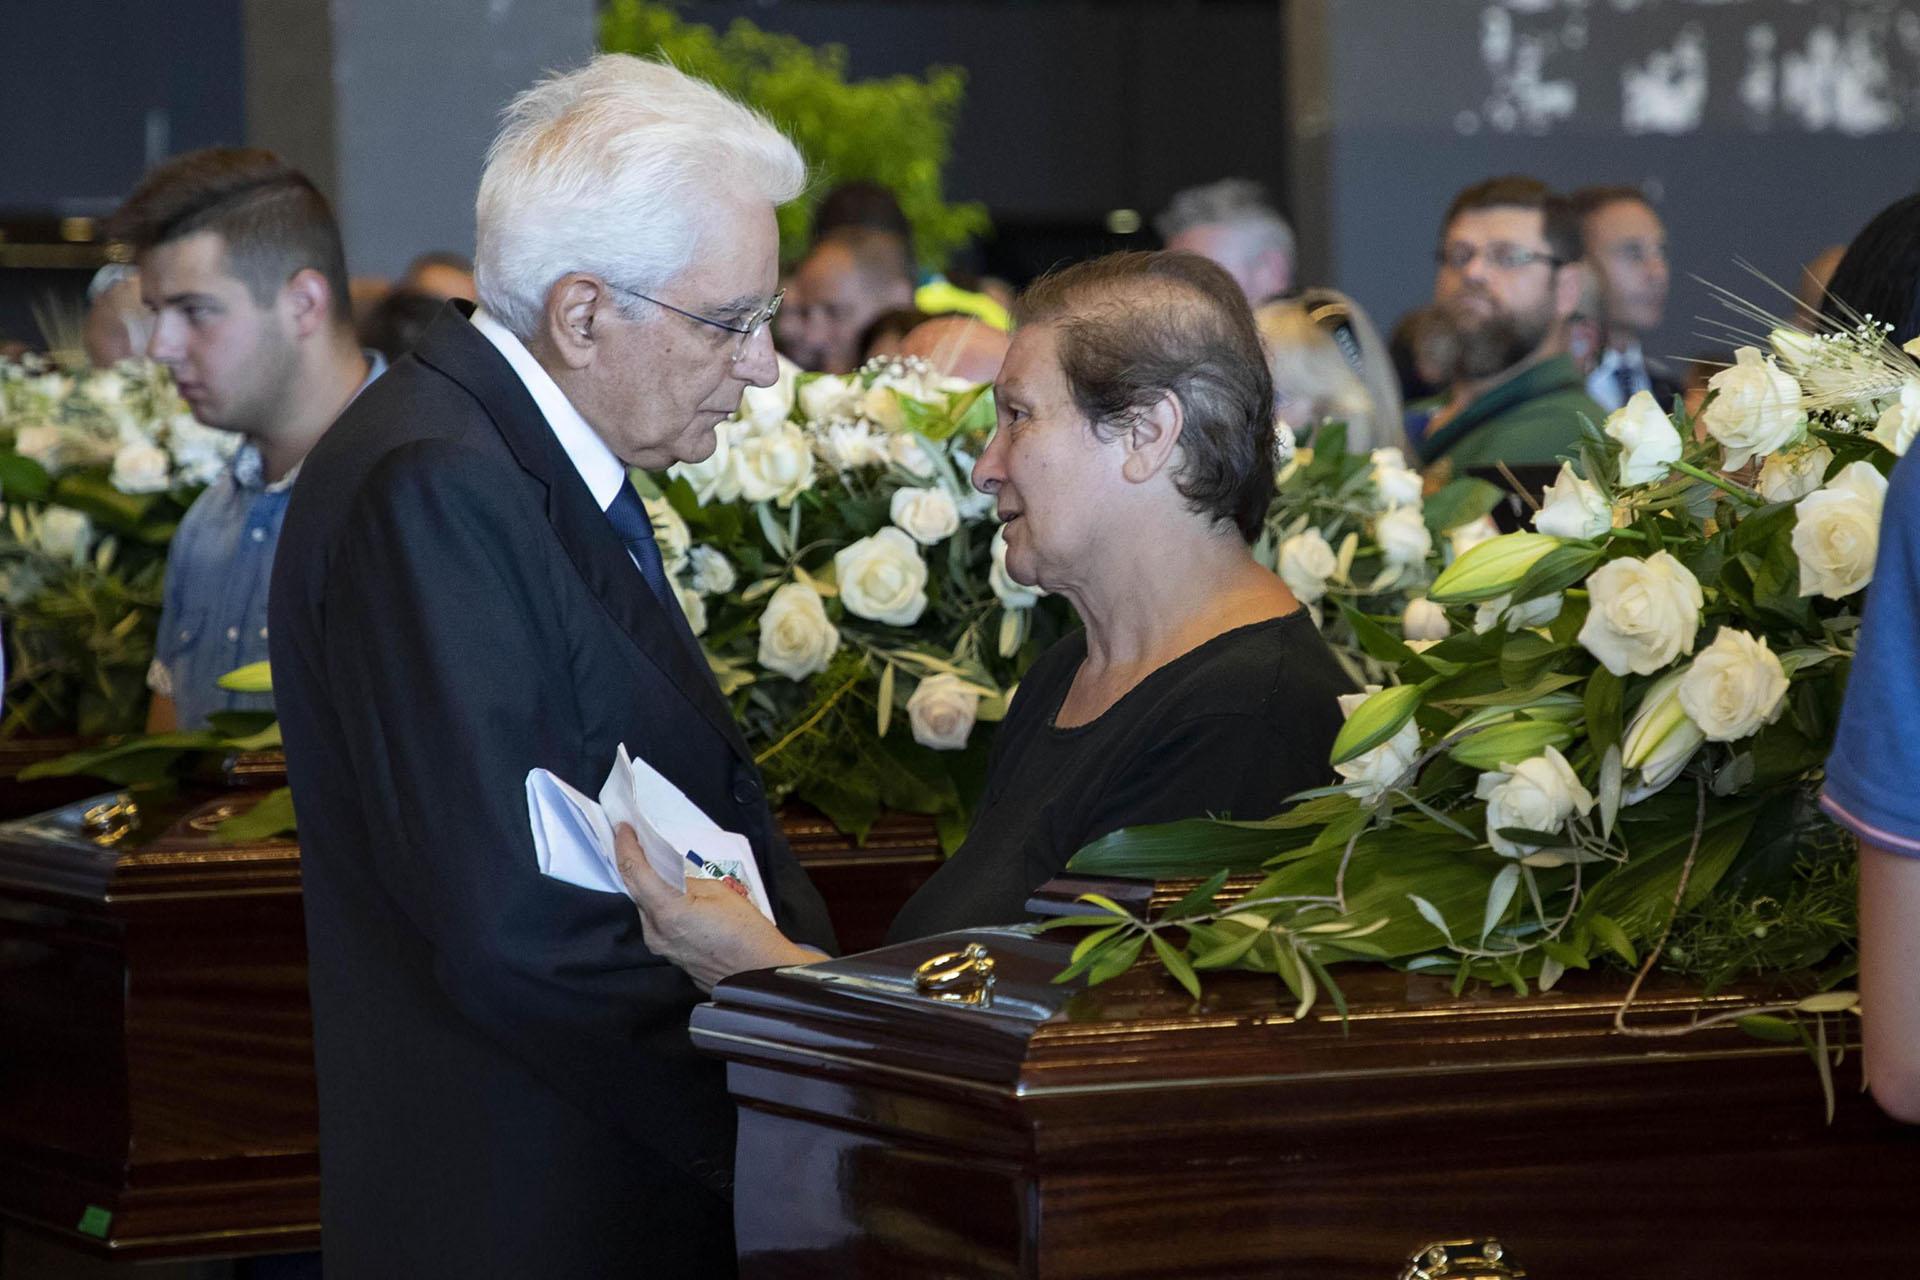 El presidente Sergio Mattarella conversa con una familiar de una víctima. EFE